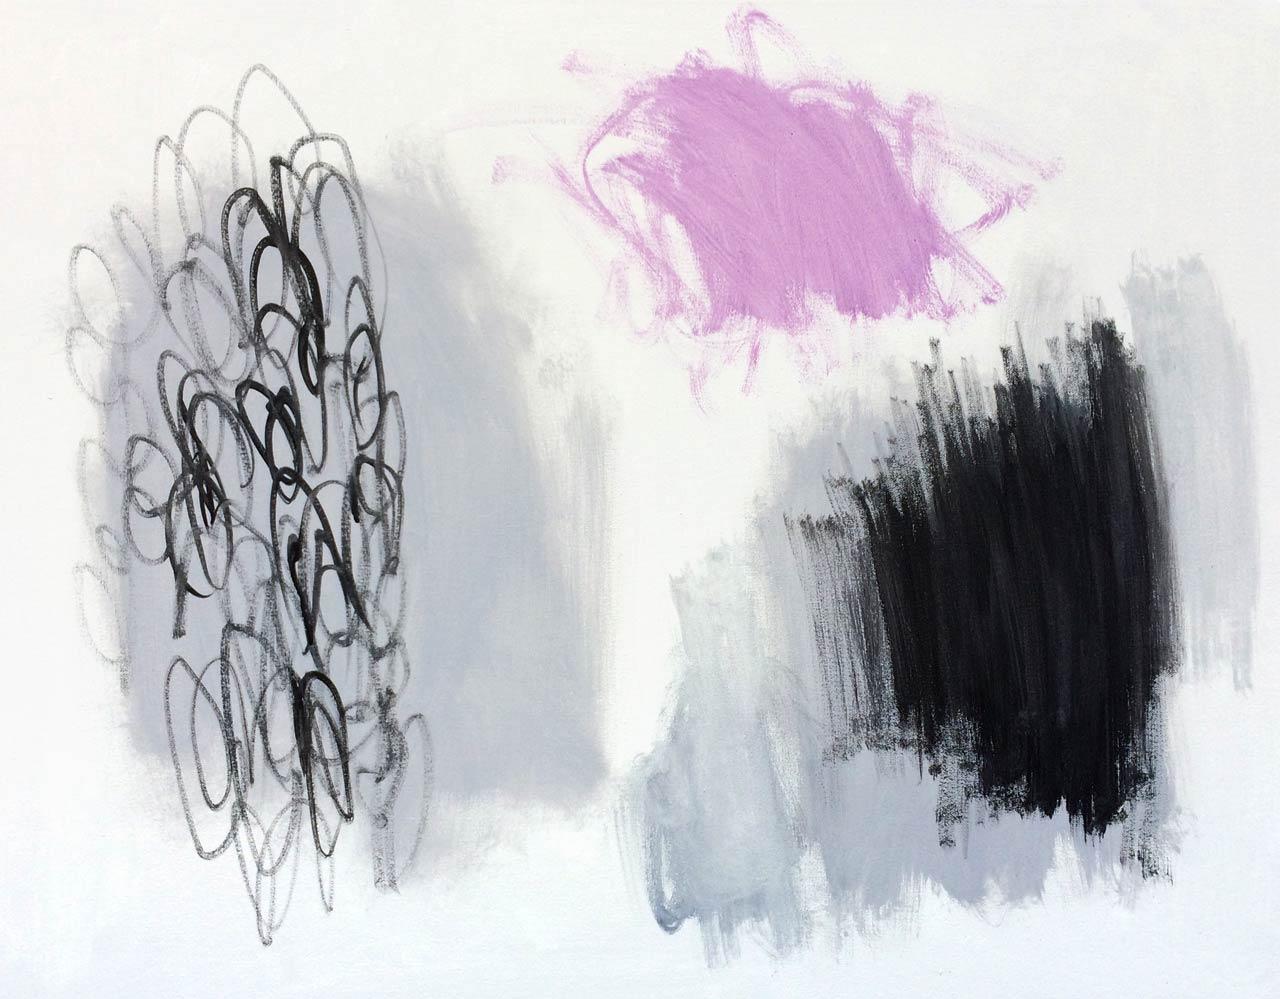 LES MINIMALISTESMÉTAMORPHOSE-1-60,96×76,2 cm (24x30po)Acrylique et technique mixte sur toile